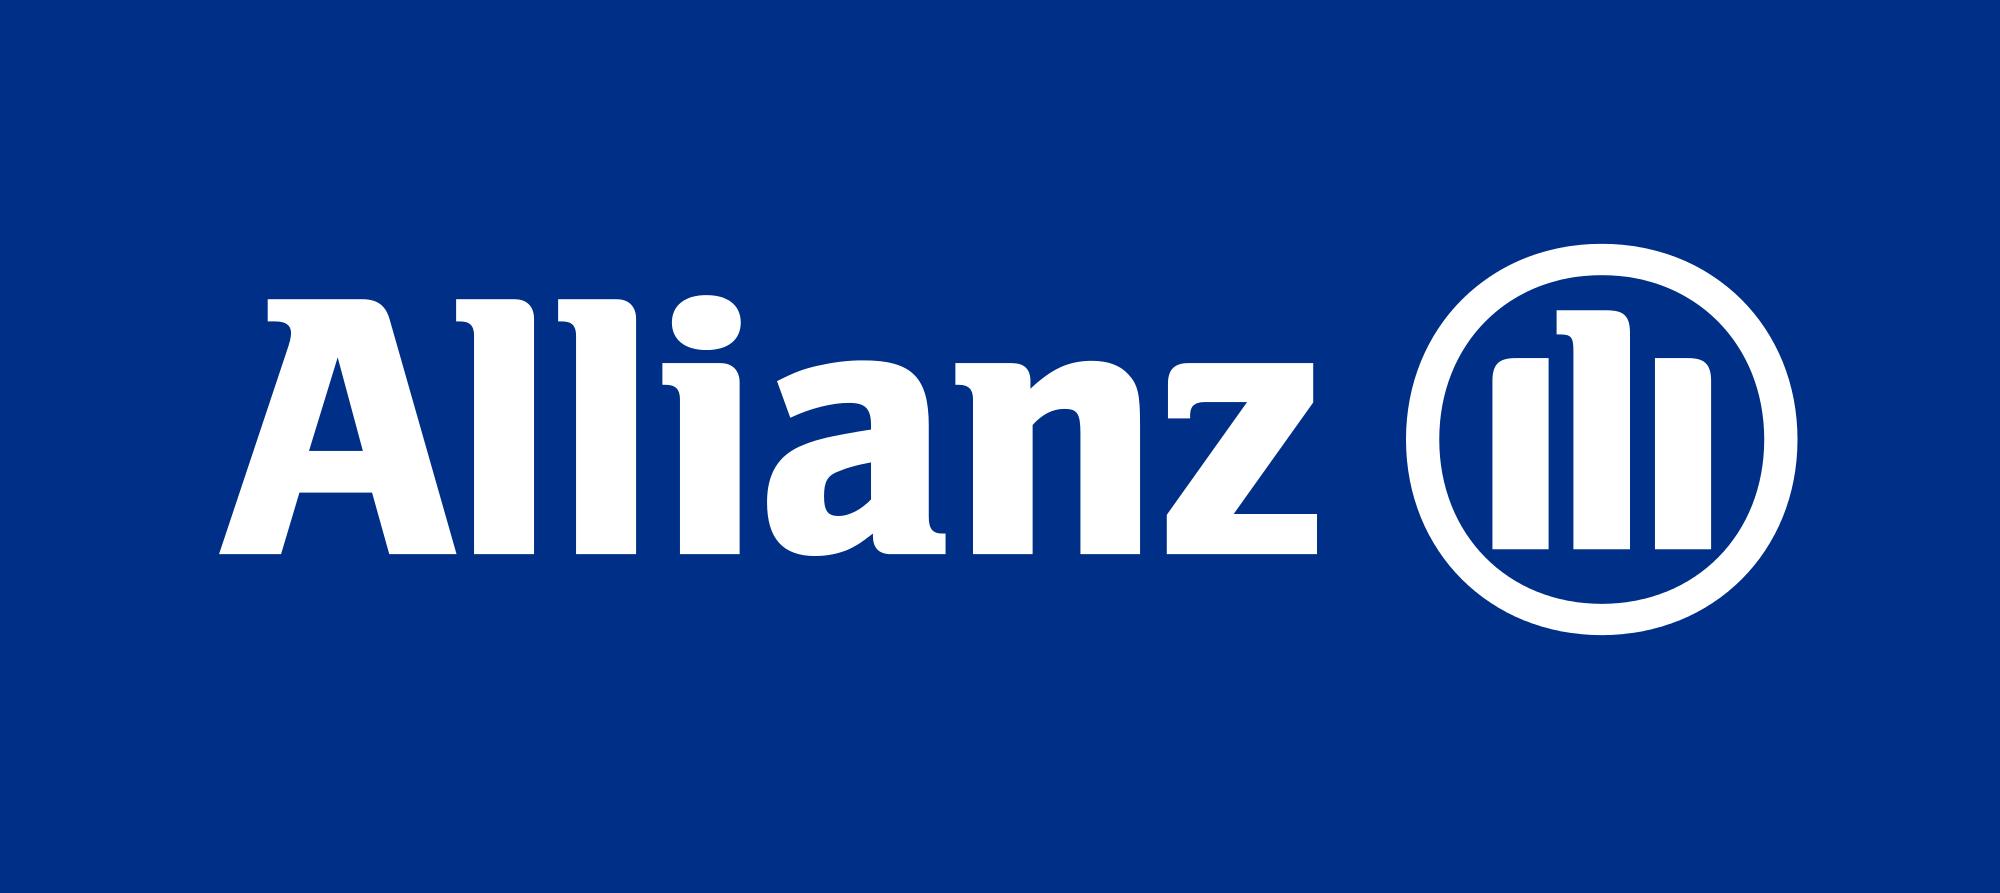 Allianz.png